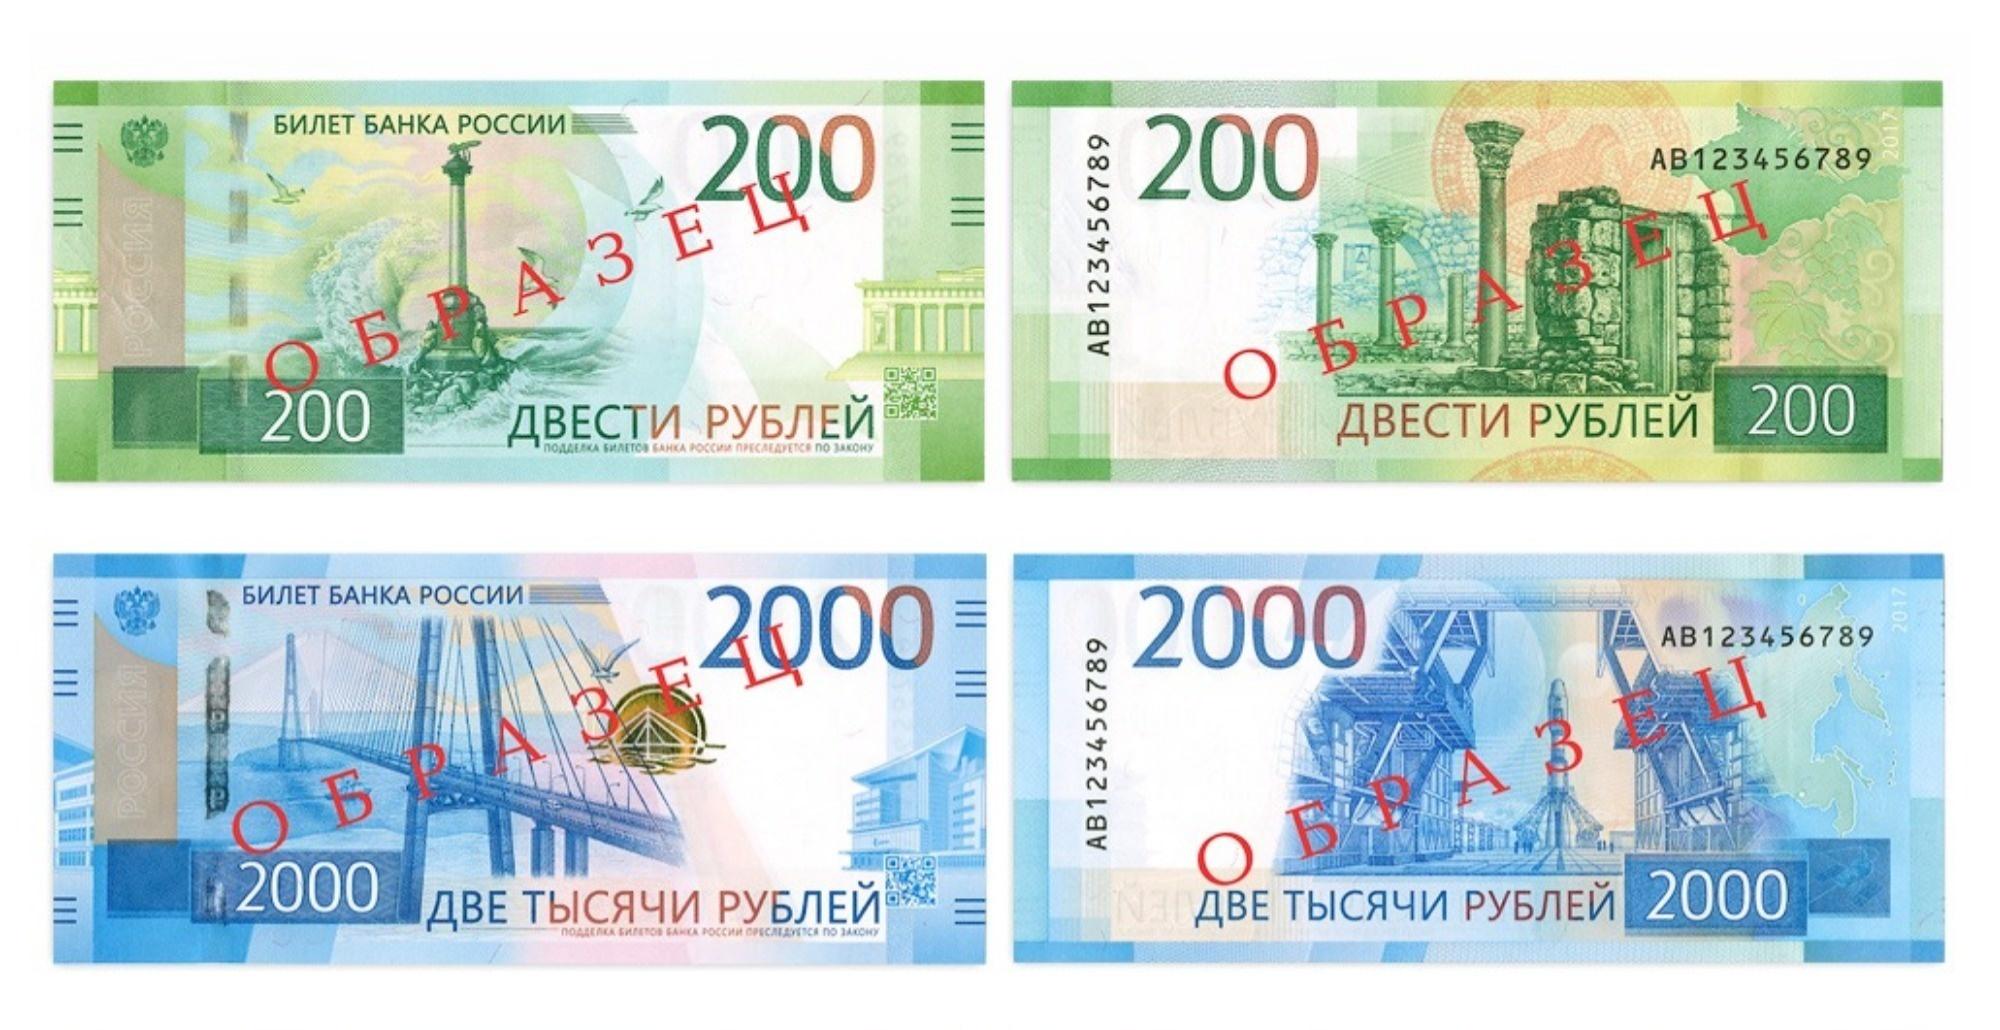 Новые купюры 200 и 2000 рублей похожи на евро